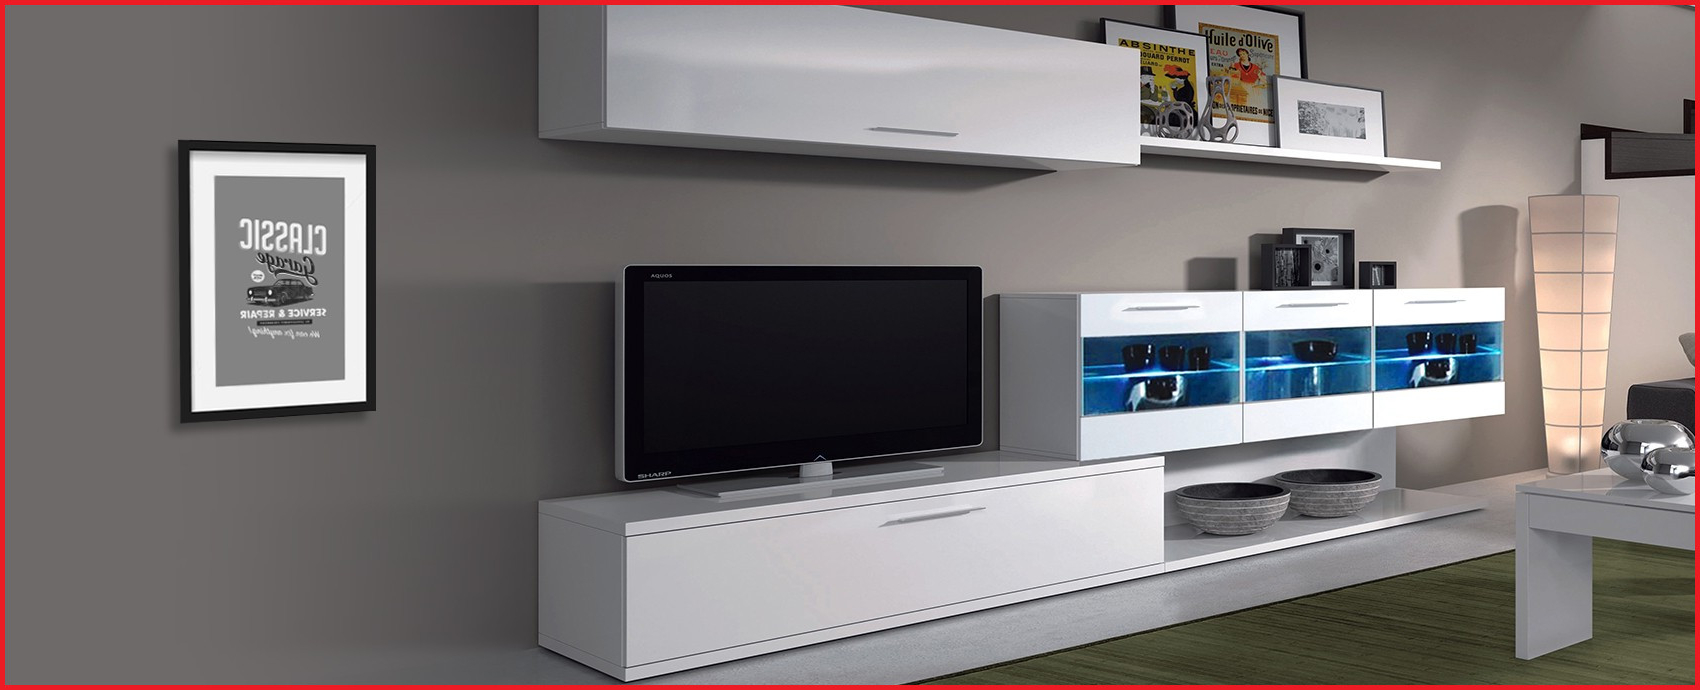 Muebles Tv Diseño O2d5 Muebles De Diseà O Baratos DiseO Muebles Salon Disec3b1o